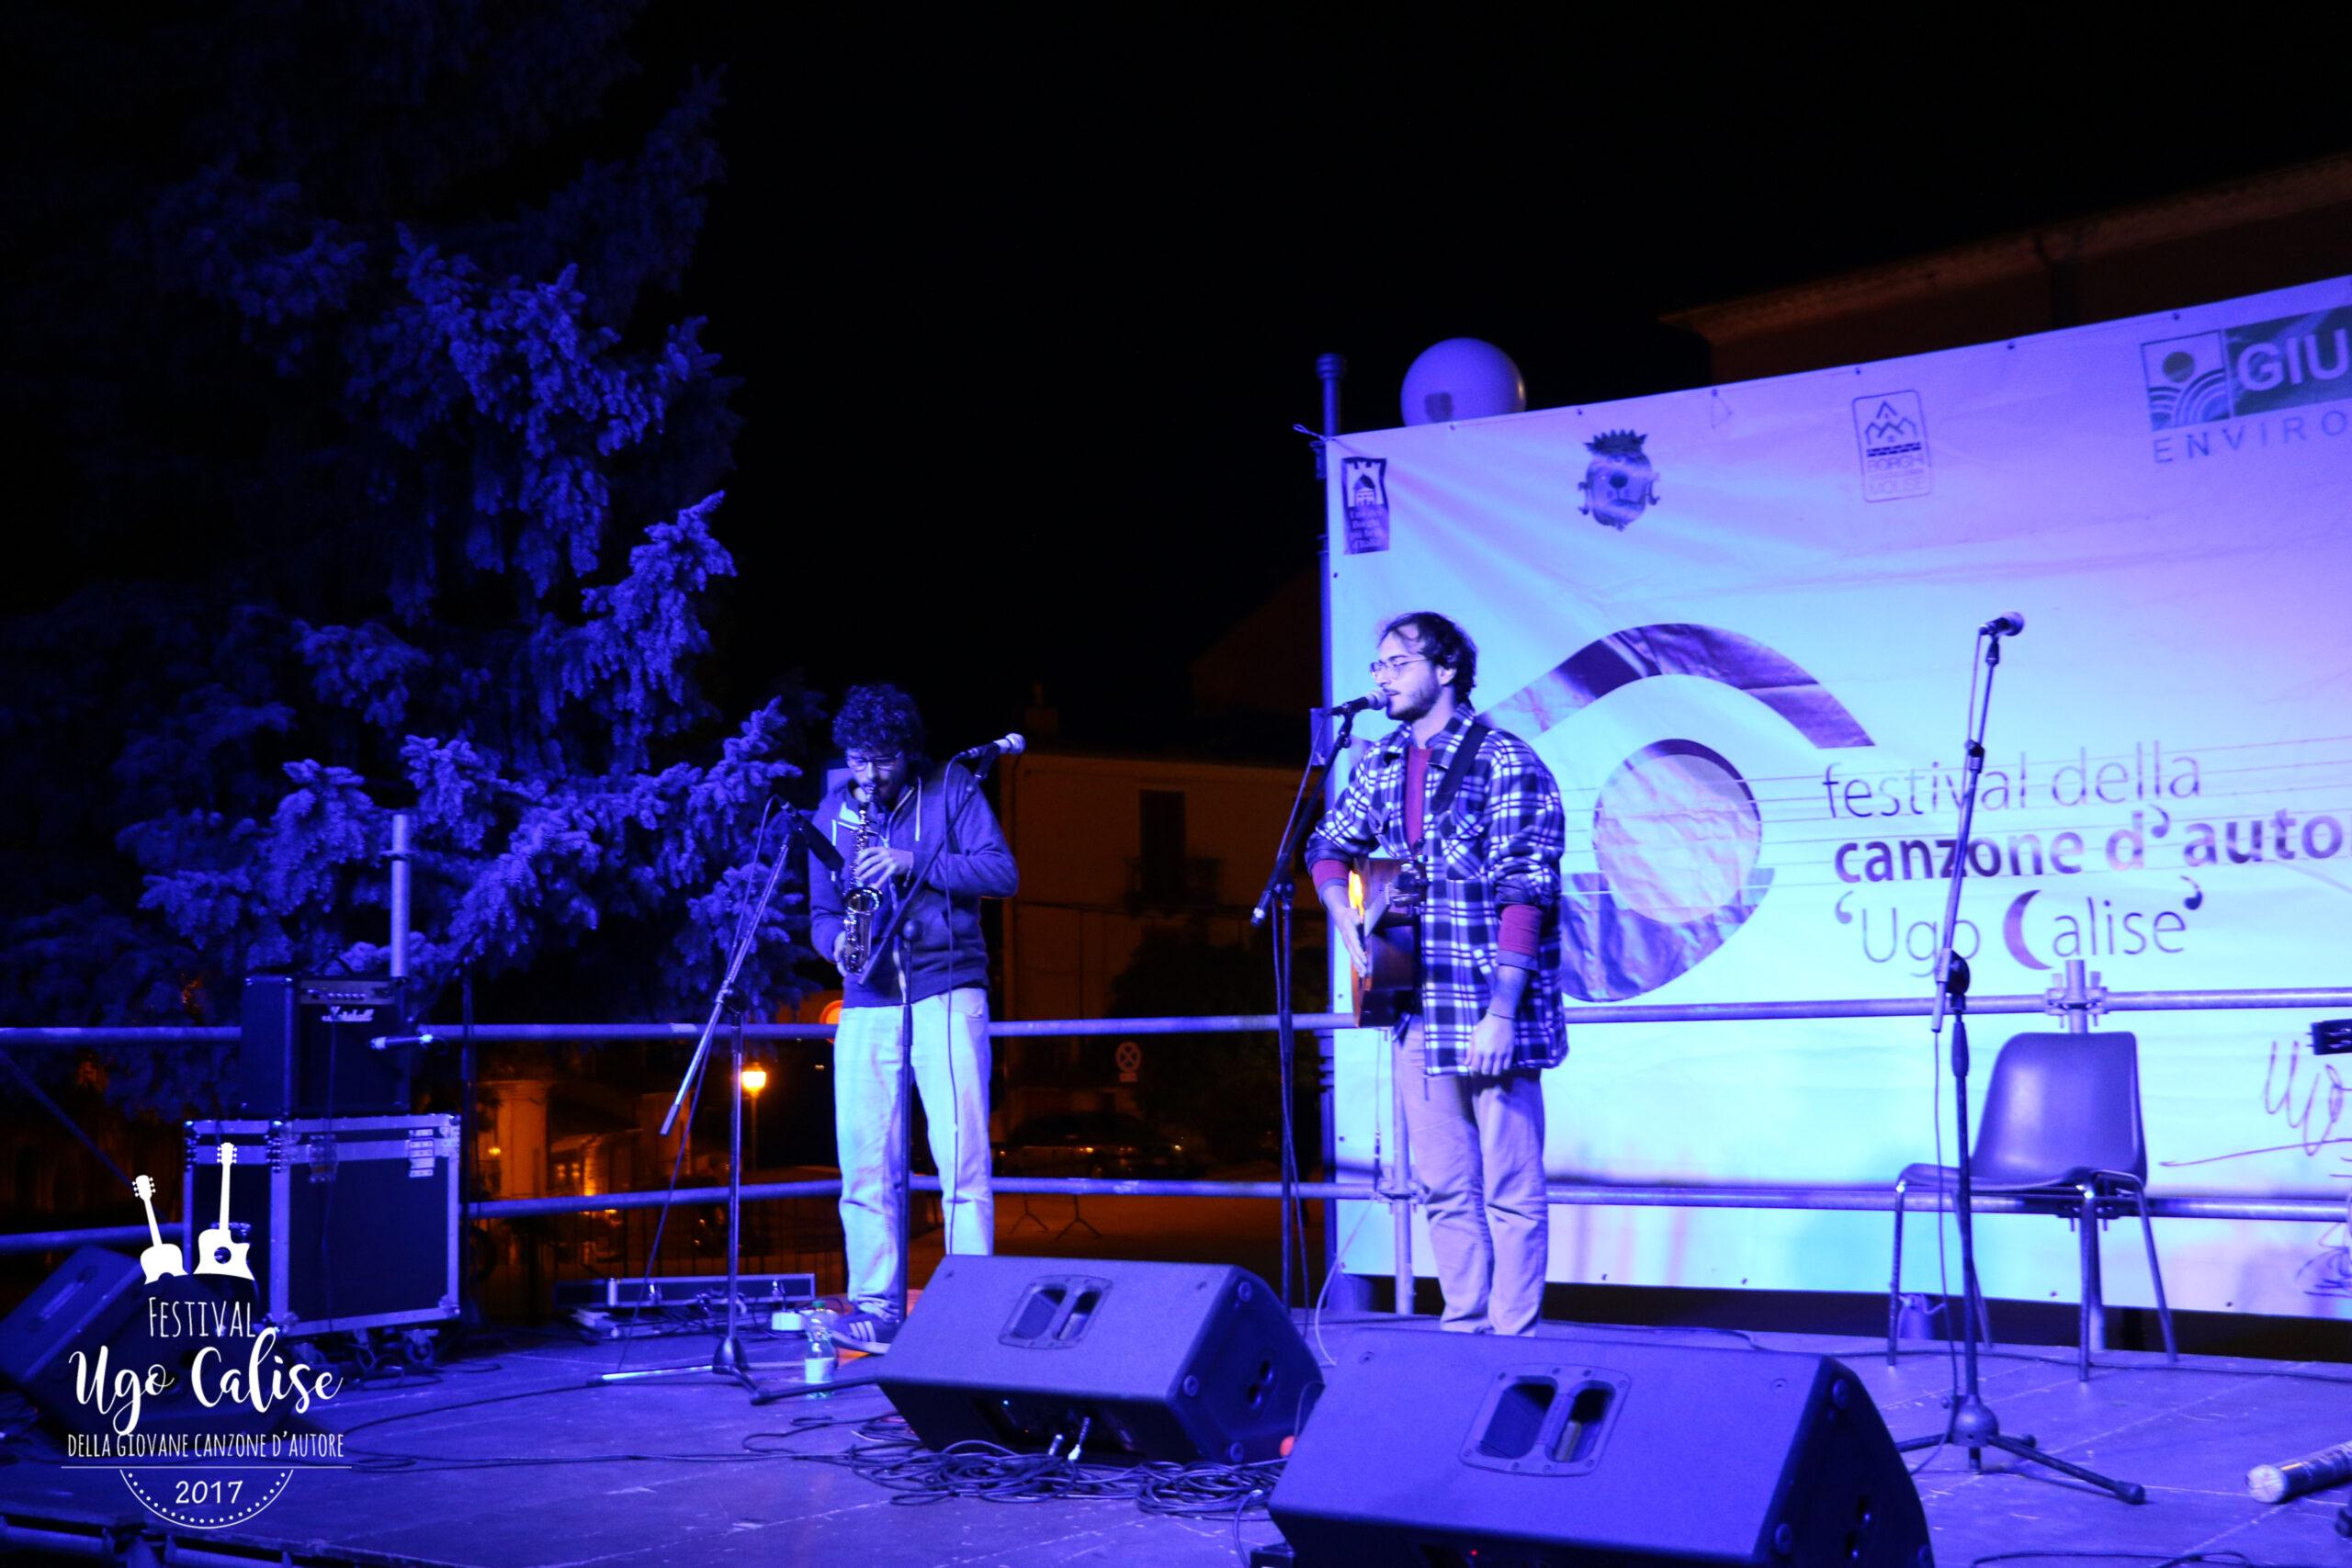 Serata Finale Ugo Calise Festival 2017